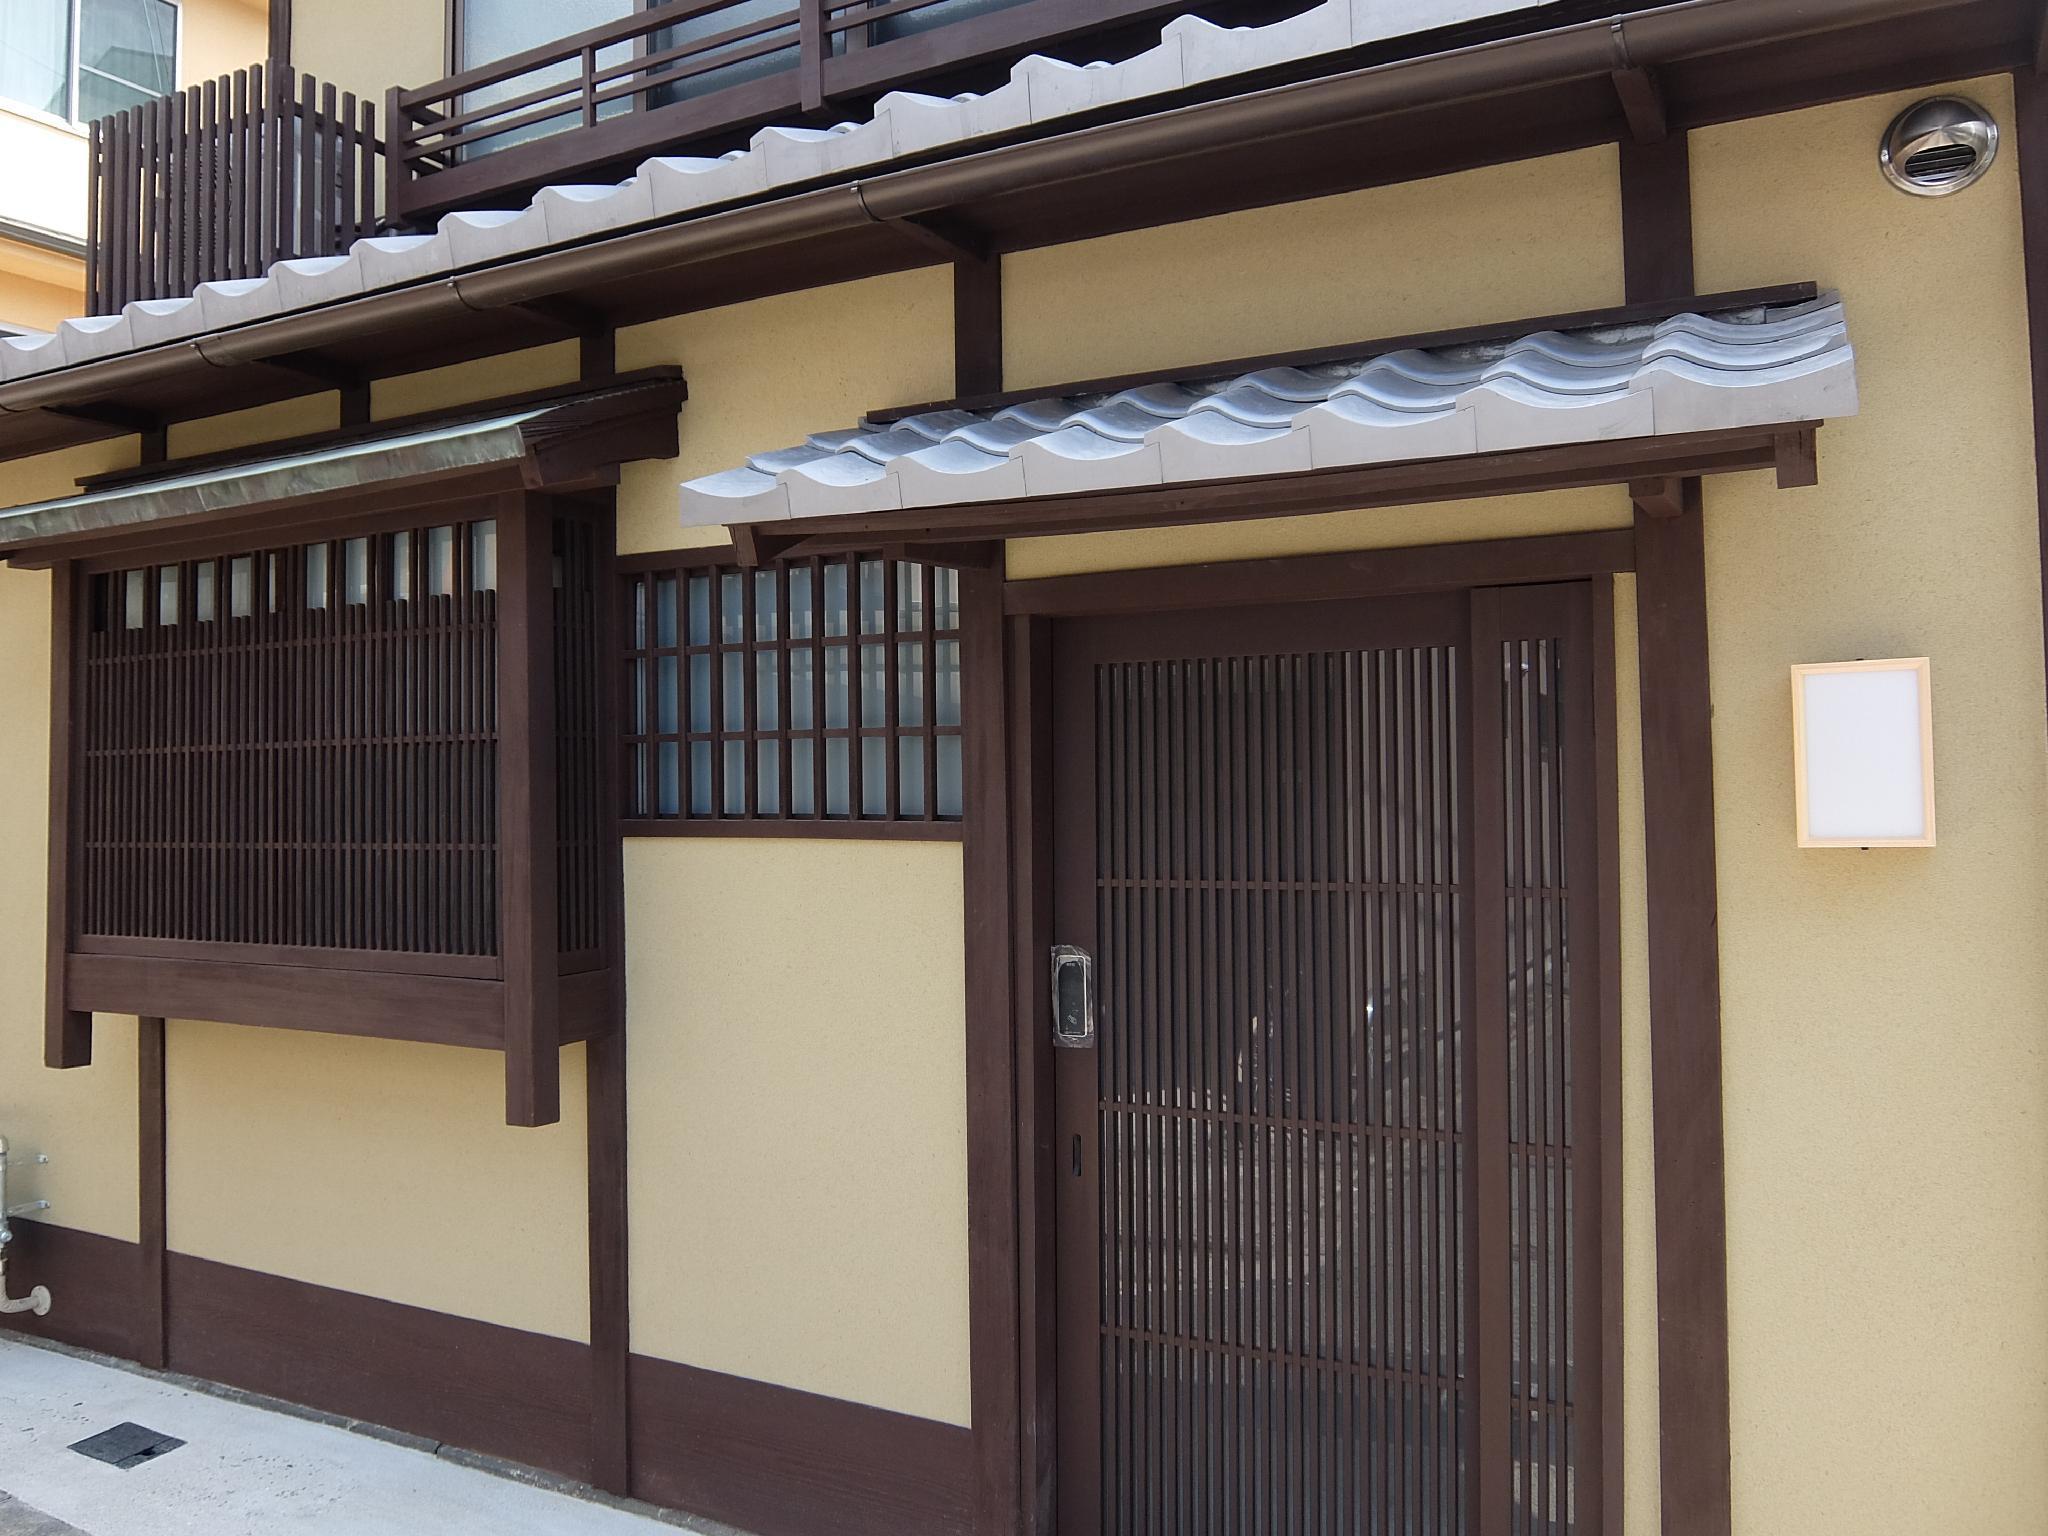 Reikaku Kiyomizu Gojo